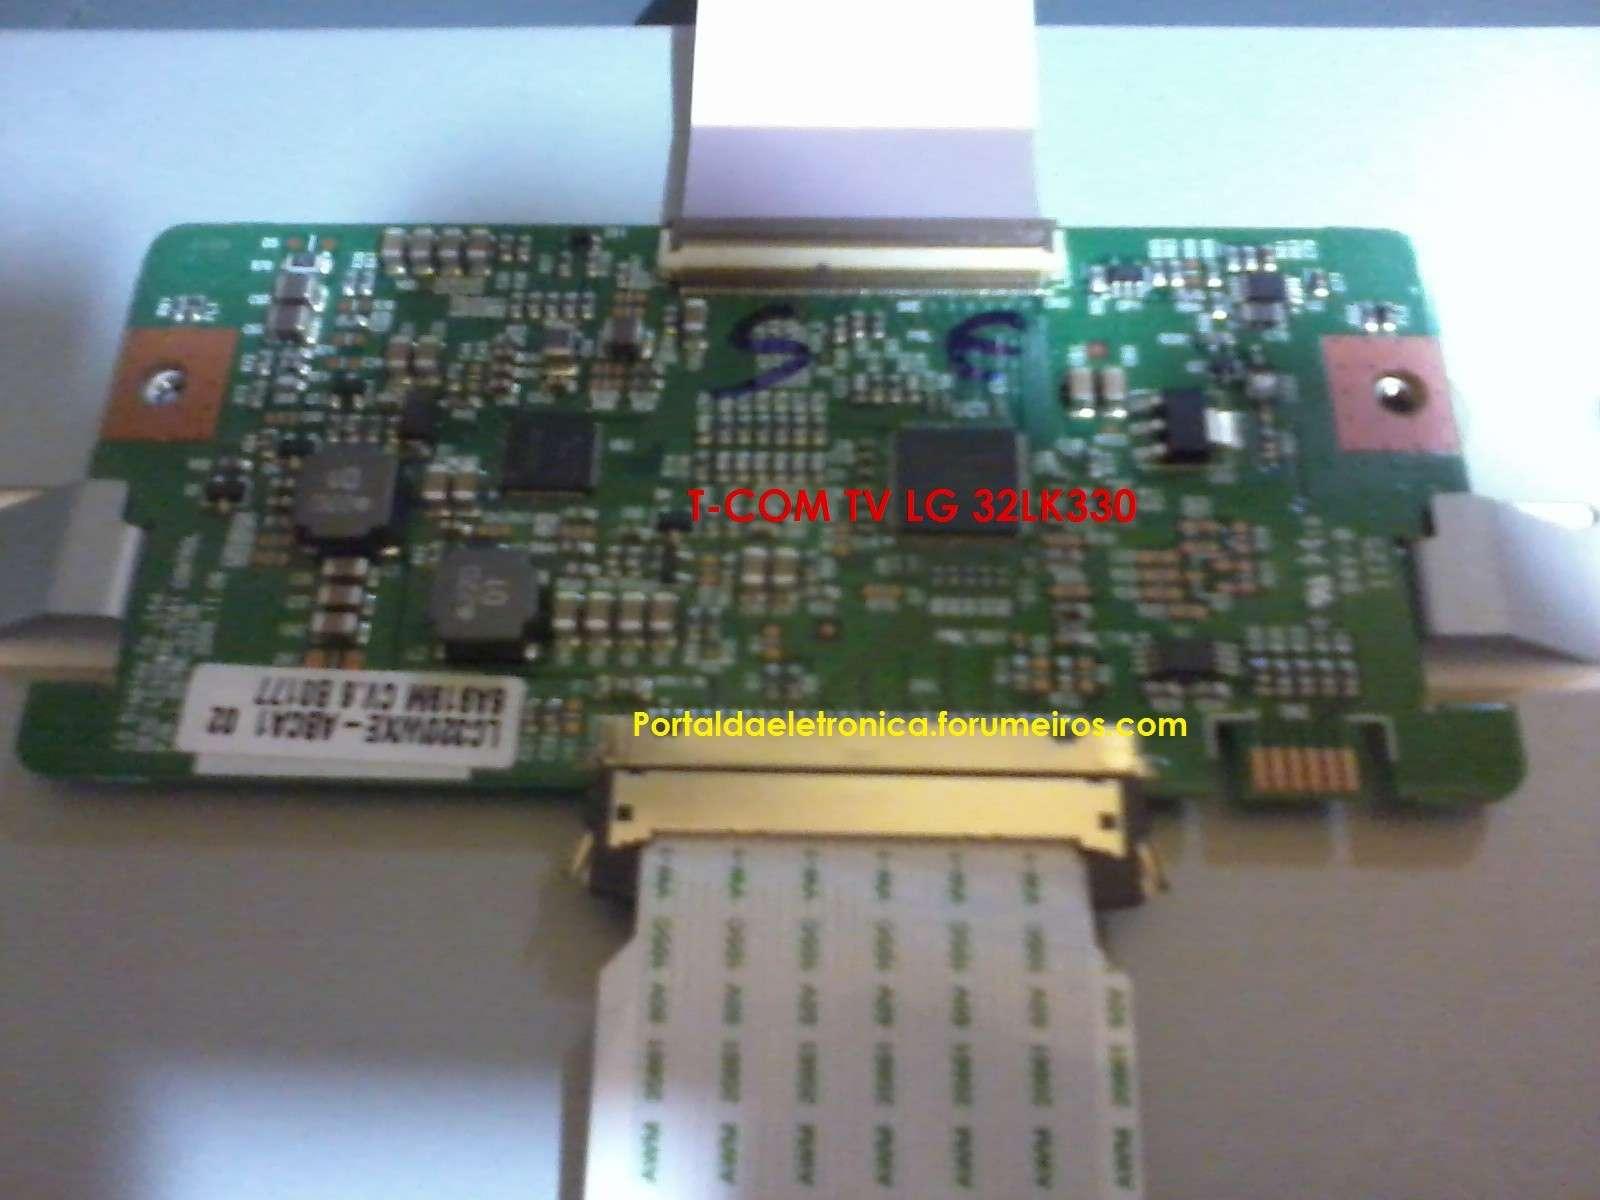 Televisor LG 32LK330 sem imagem. T-com-10